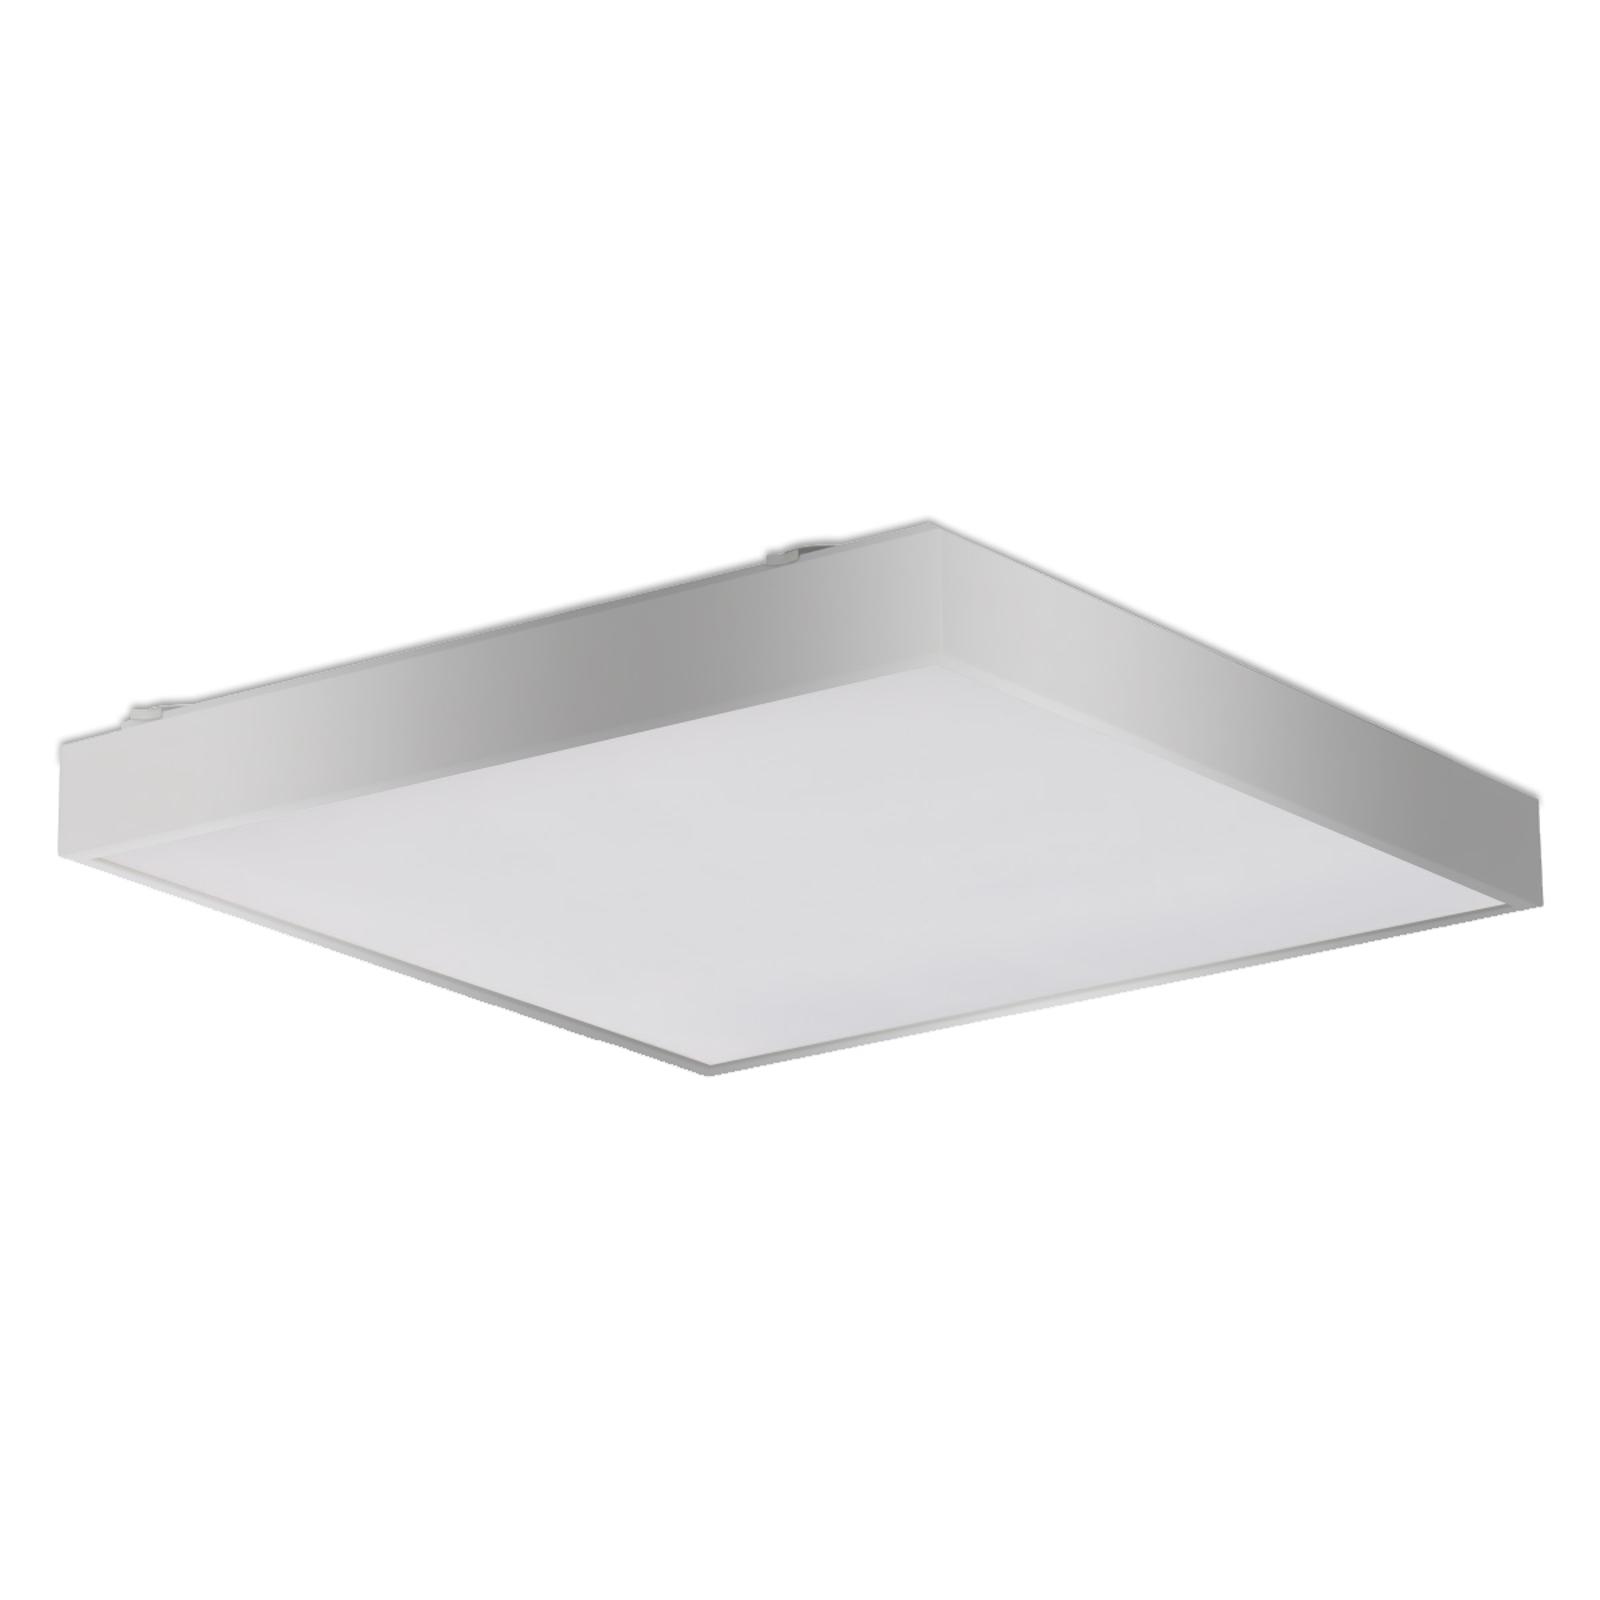 Oszczędna lampa sufitowa Q6 srebrna DALI